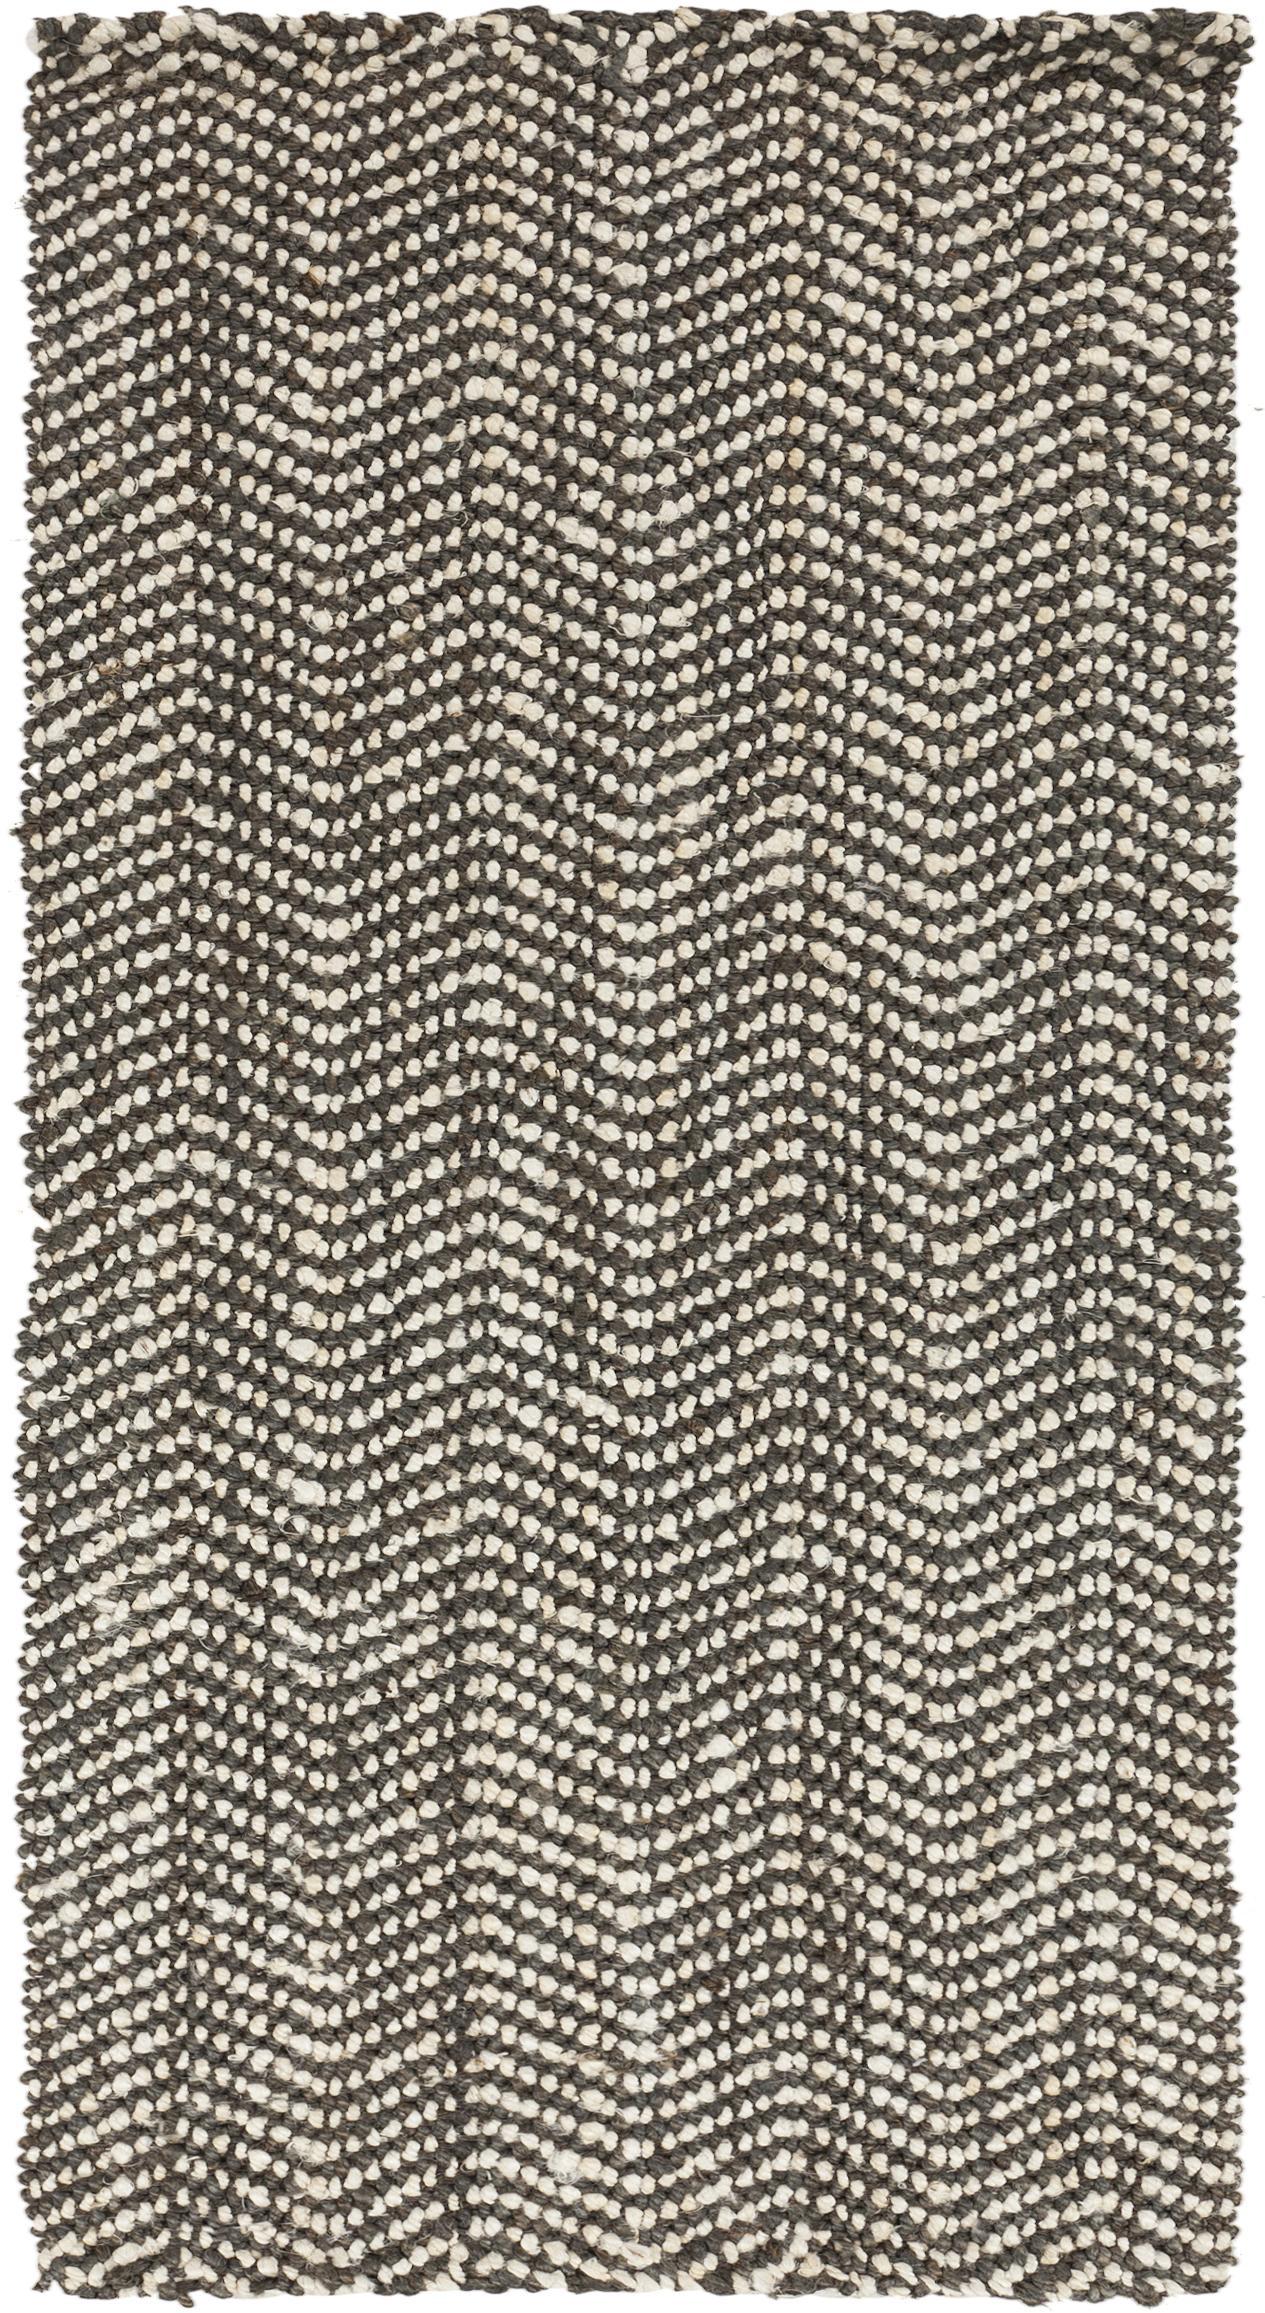 Surya Rugs Reeds 5' x 8' - Item Number: REED803-58